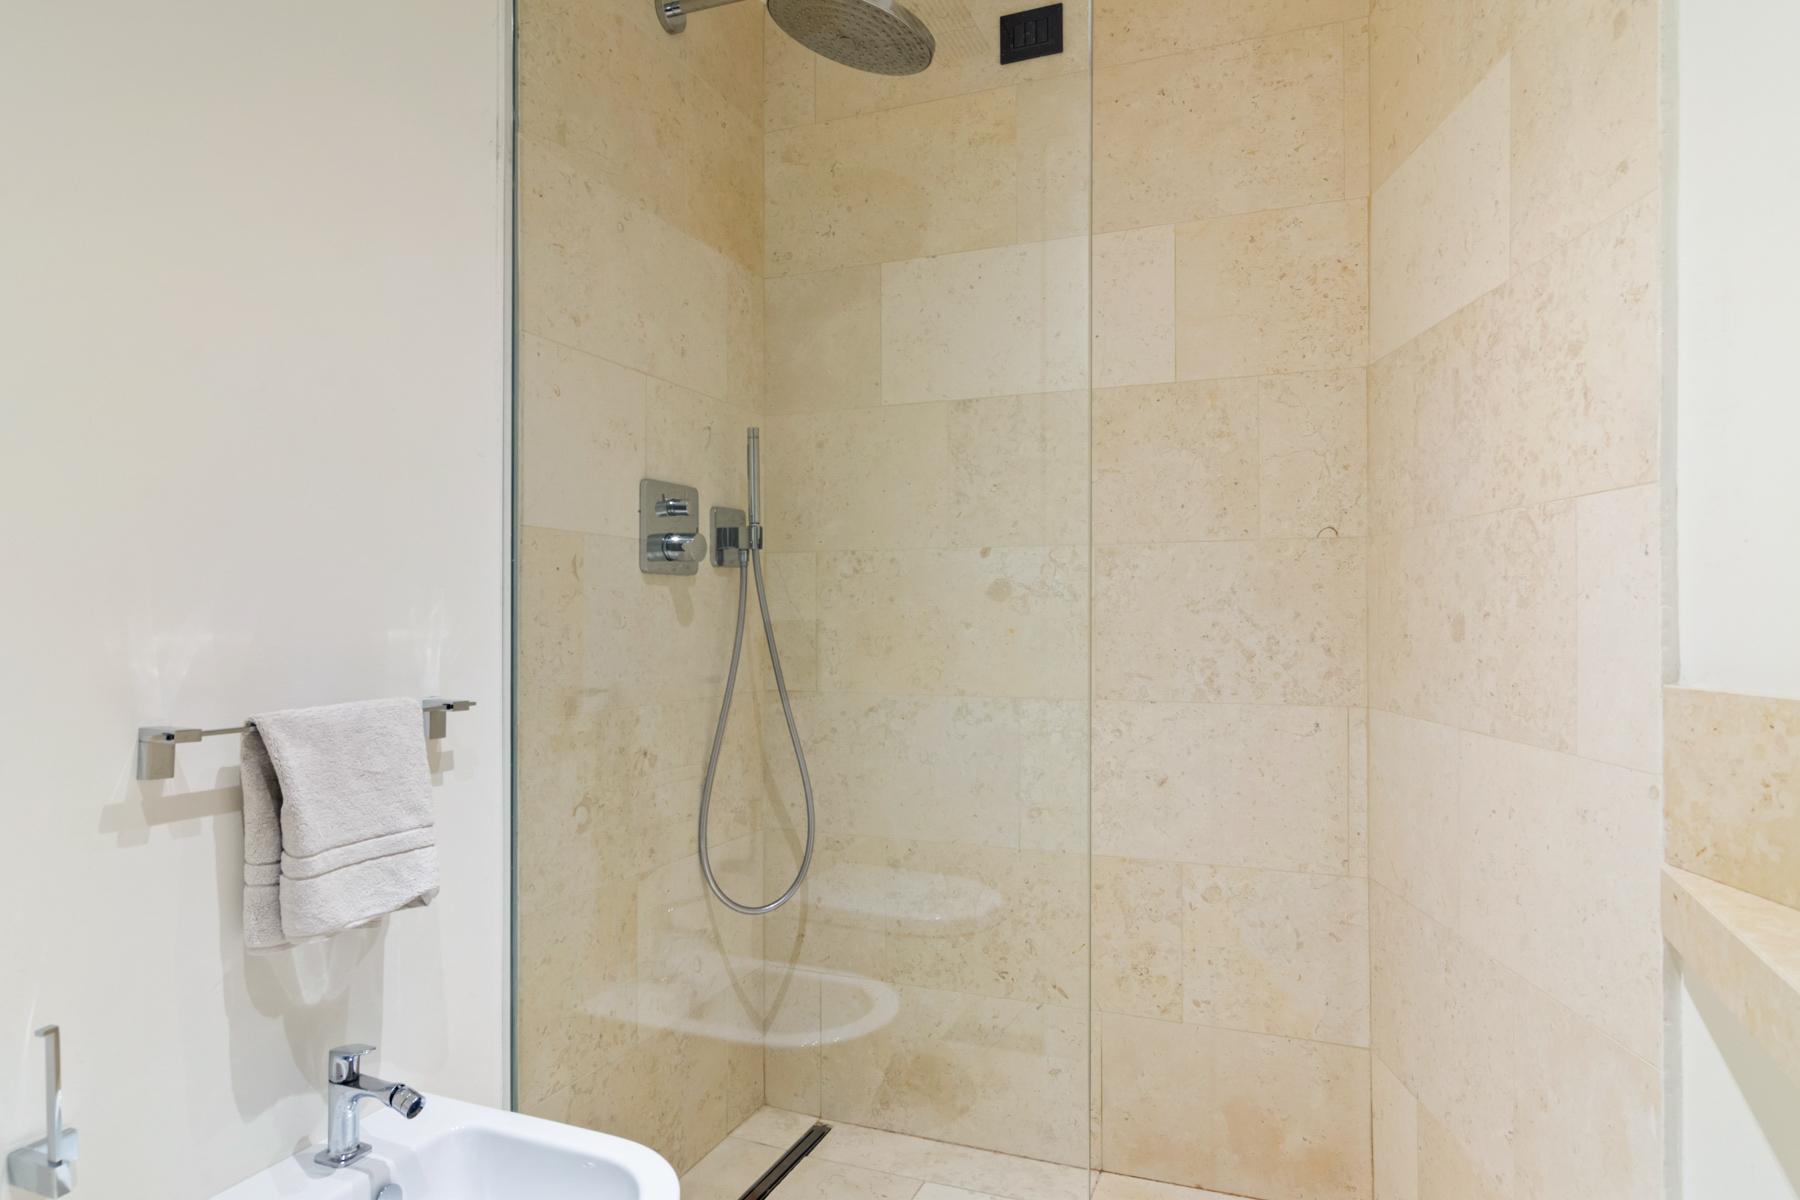 Appartamento in Vendita a Santa Margherita Ligure: 4 locali, 124 mq - Foto 16